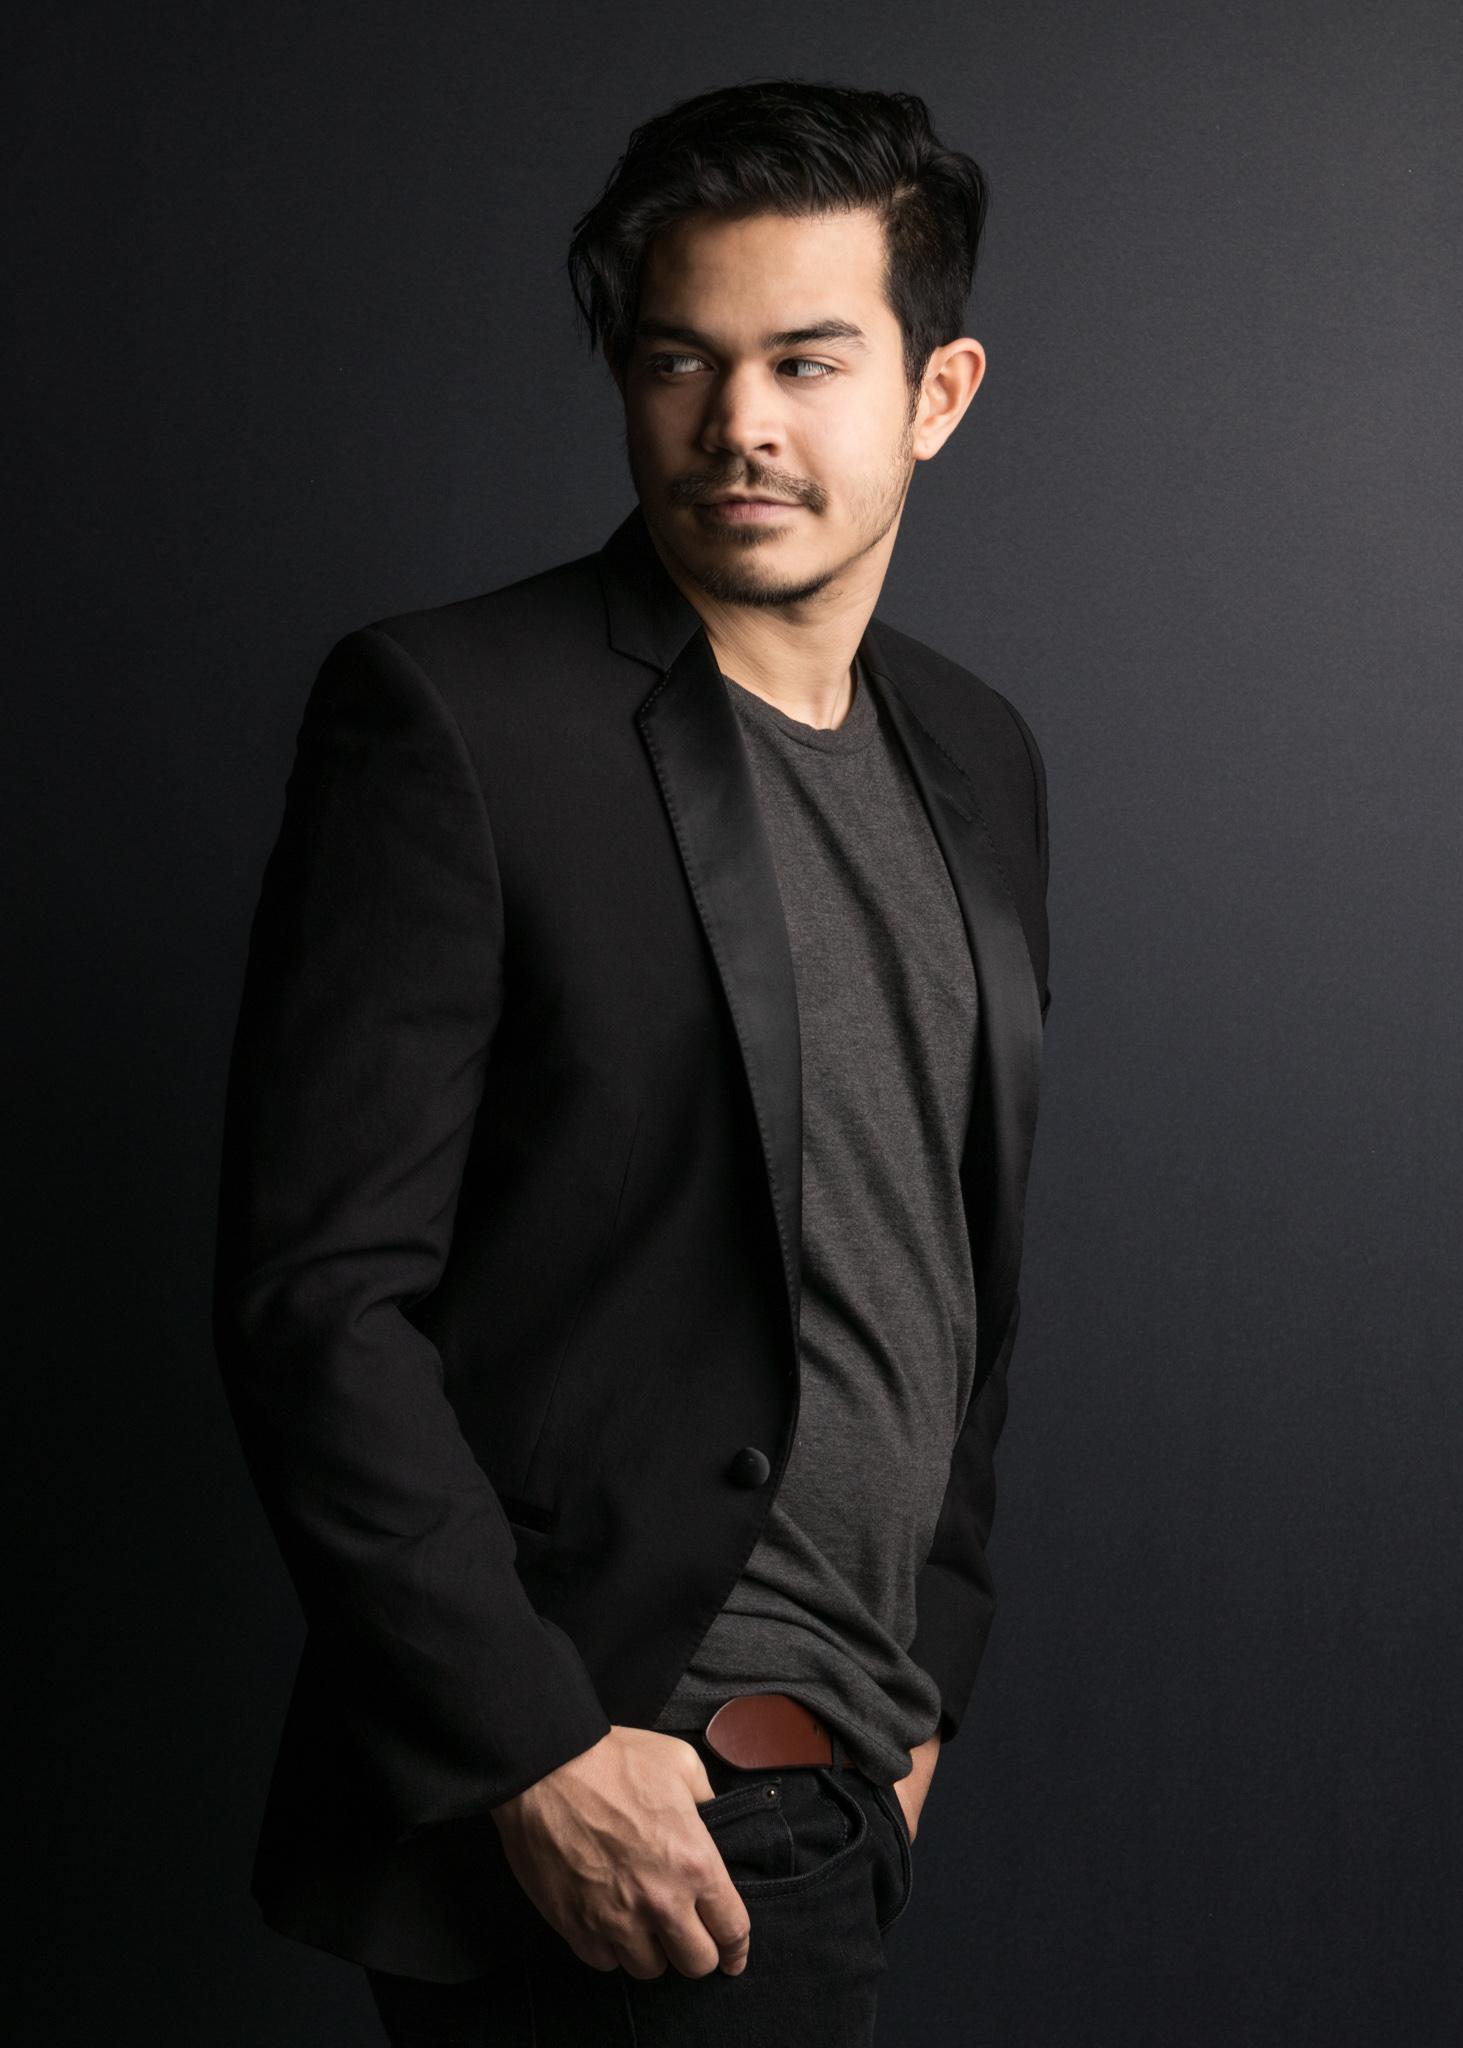 Portrait Photography Actor